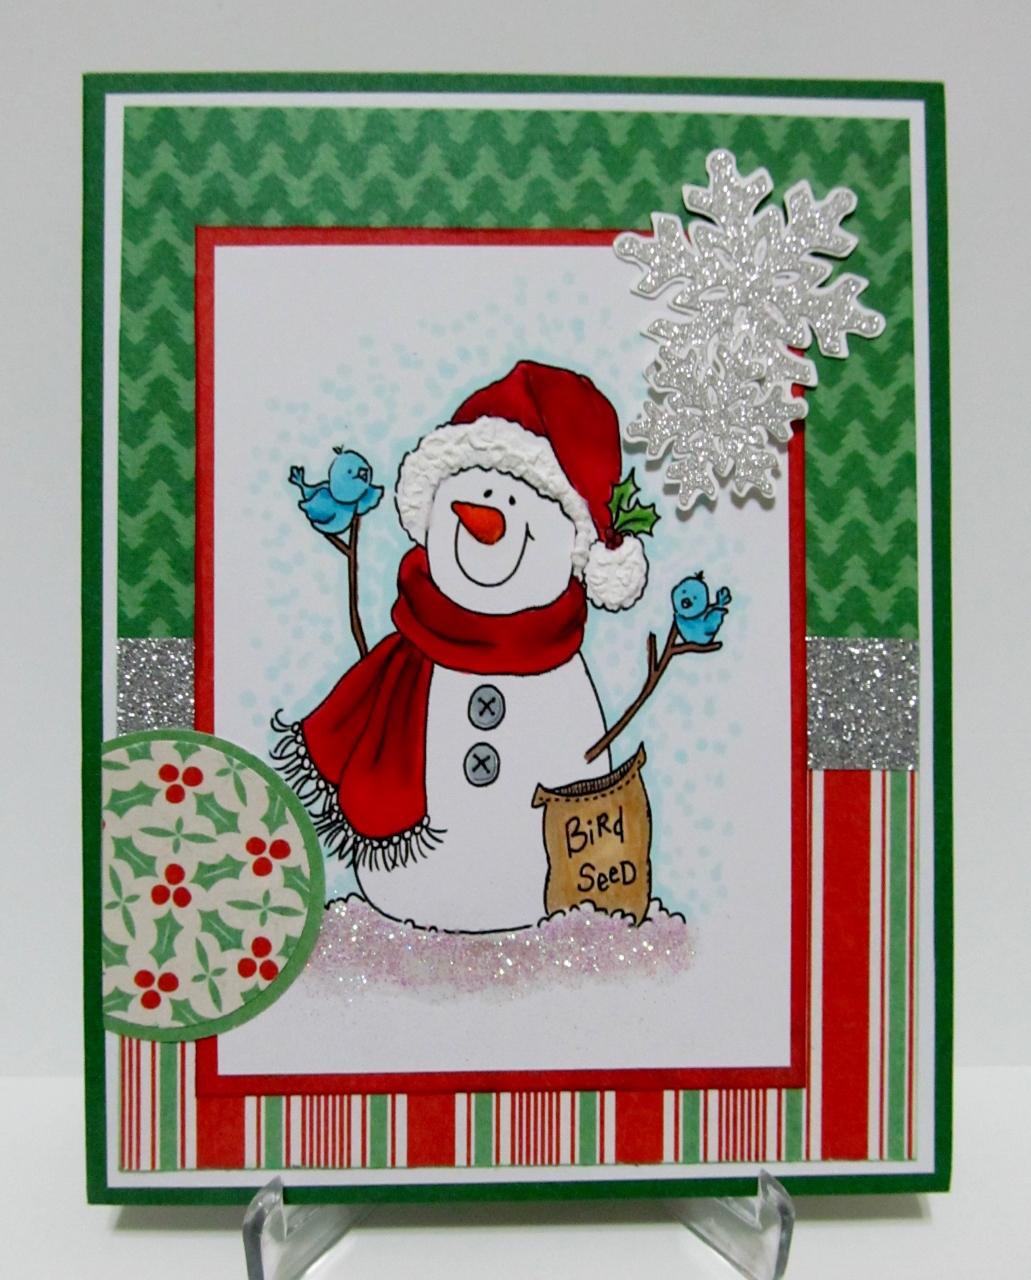 Savvy Handmade Cards: Cute Snowman Card